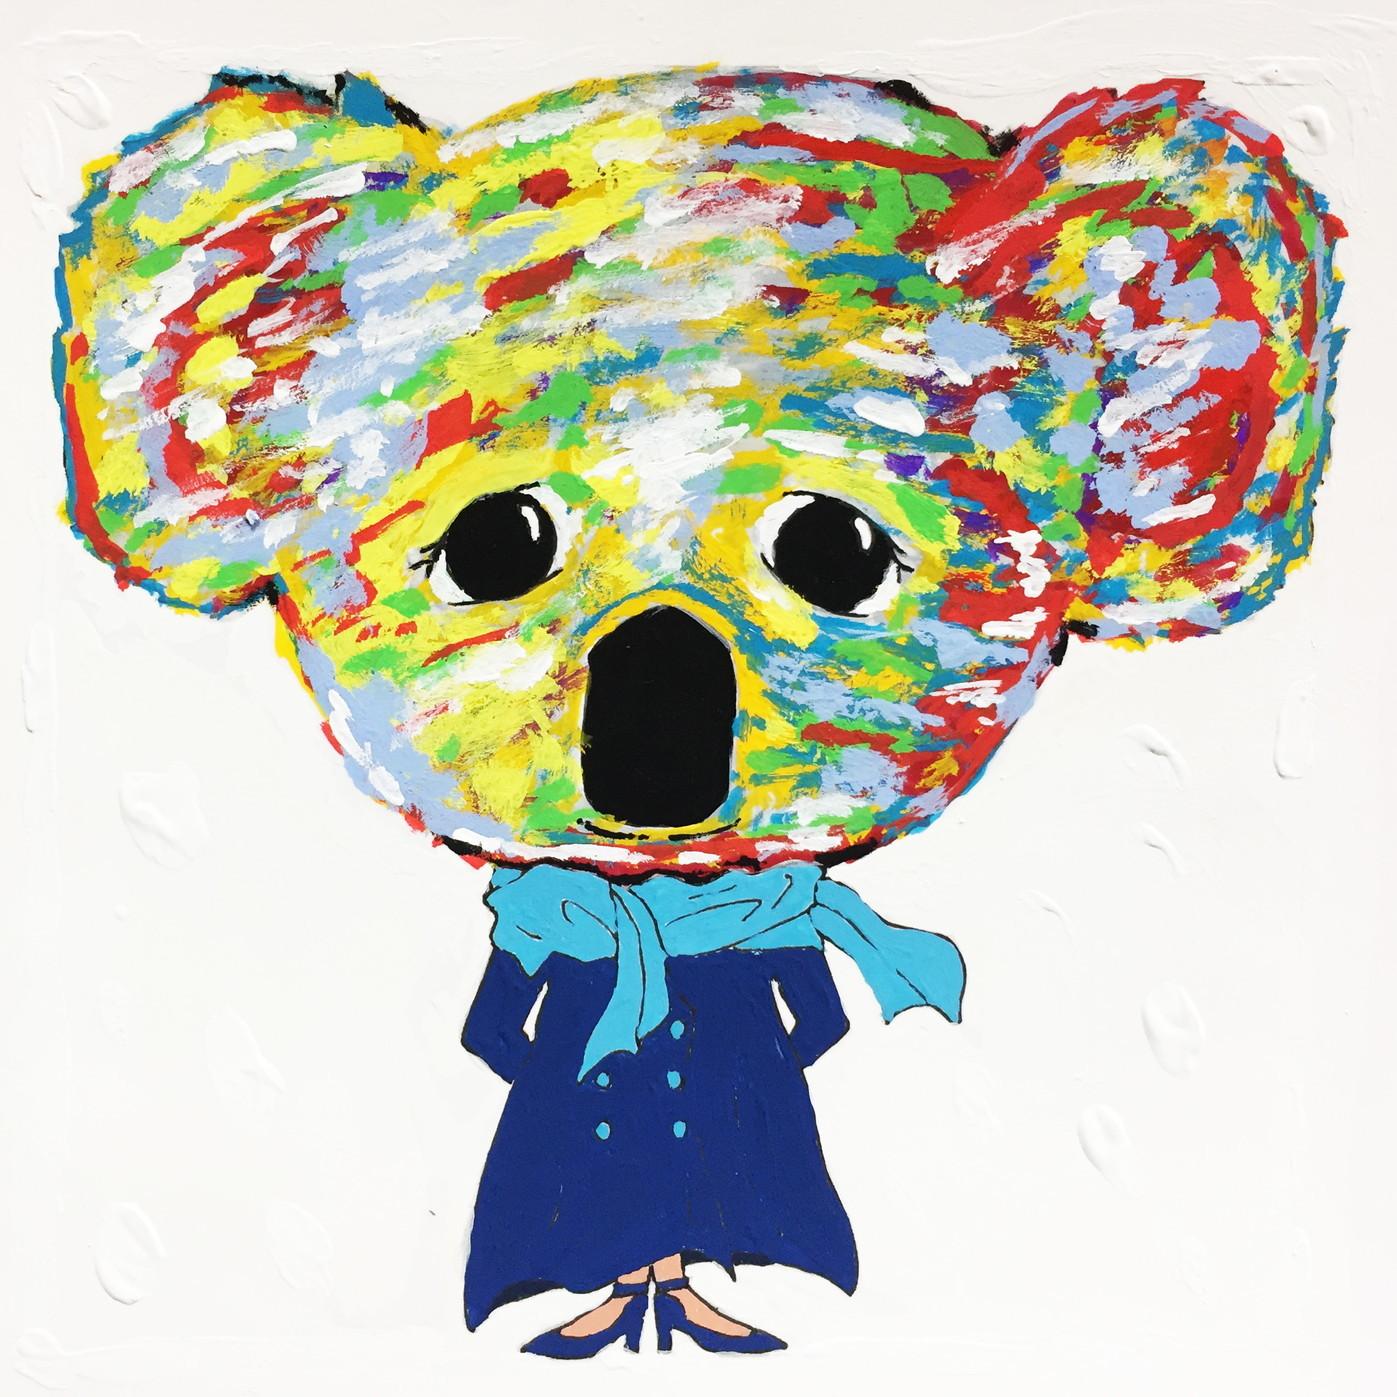 絵画 インテリア アートパネル 雑貨 壁掛け 置物 おしゃれ アクリル画 イラスト コアラ 動物 ロココロ 画家 : yuki 作品 : 哀愁